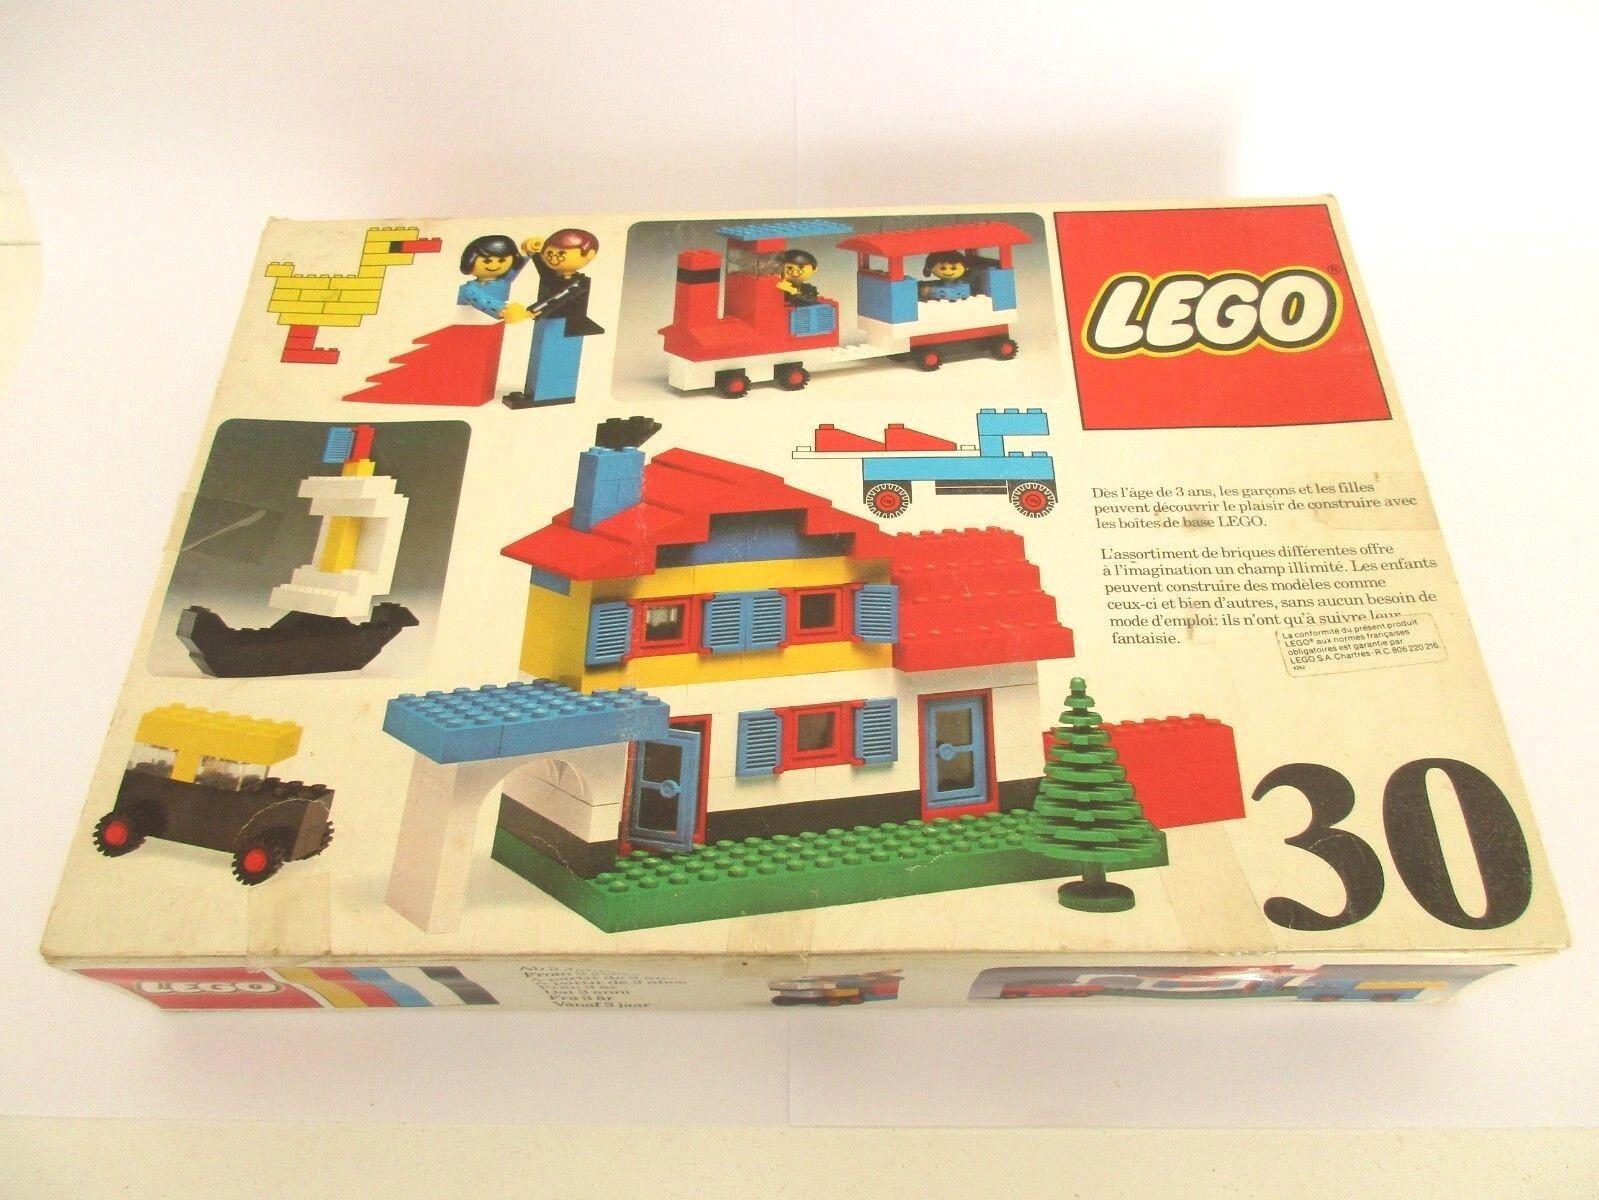 Boite LEGO 30 Universal Building Set - Coffret LEGO Vintage 1976